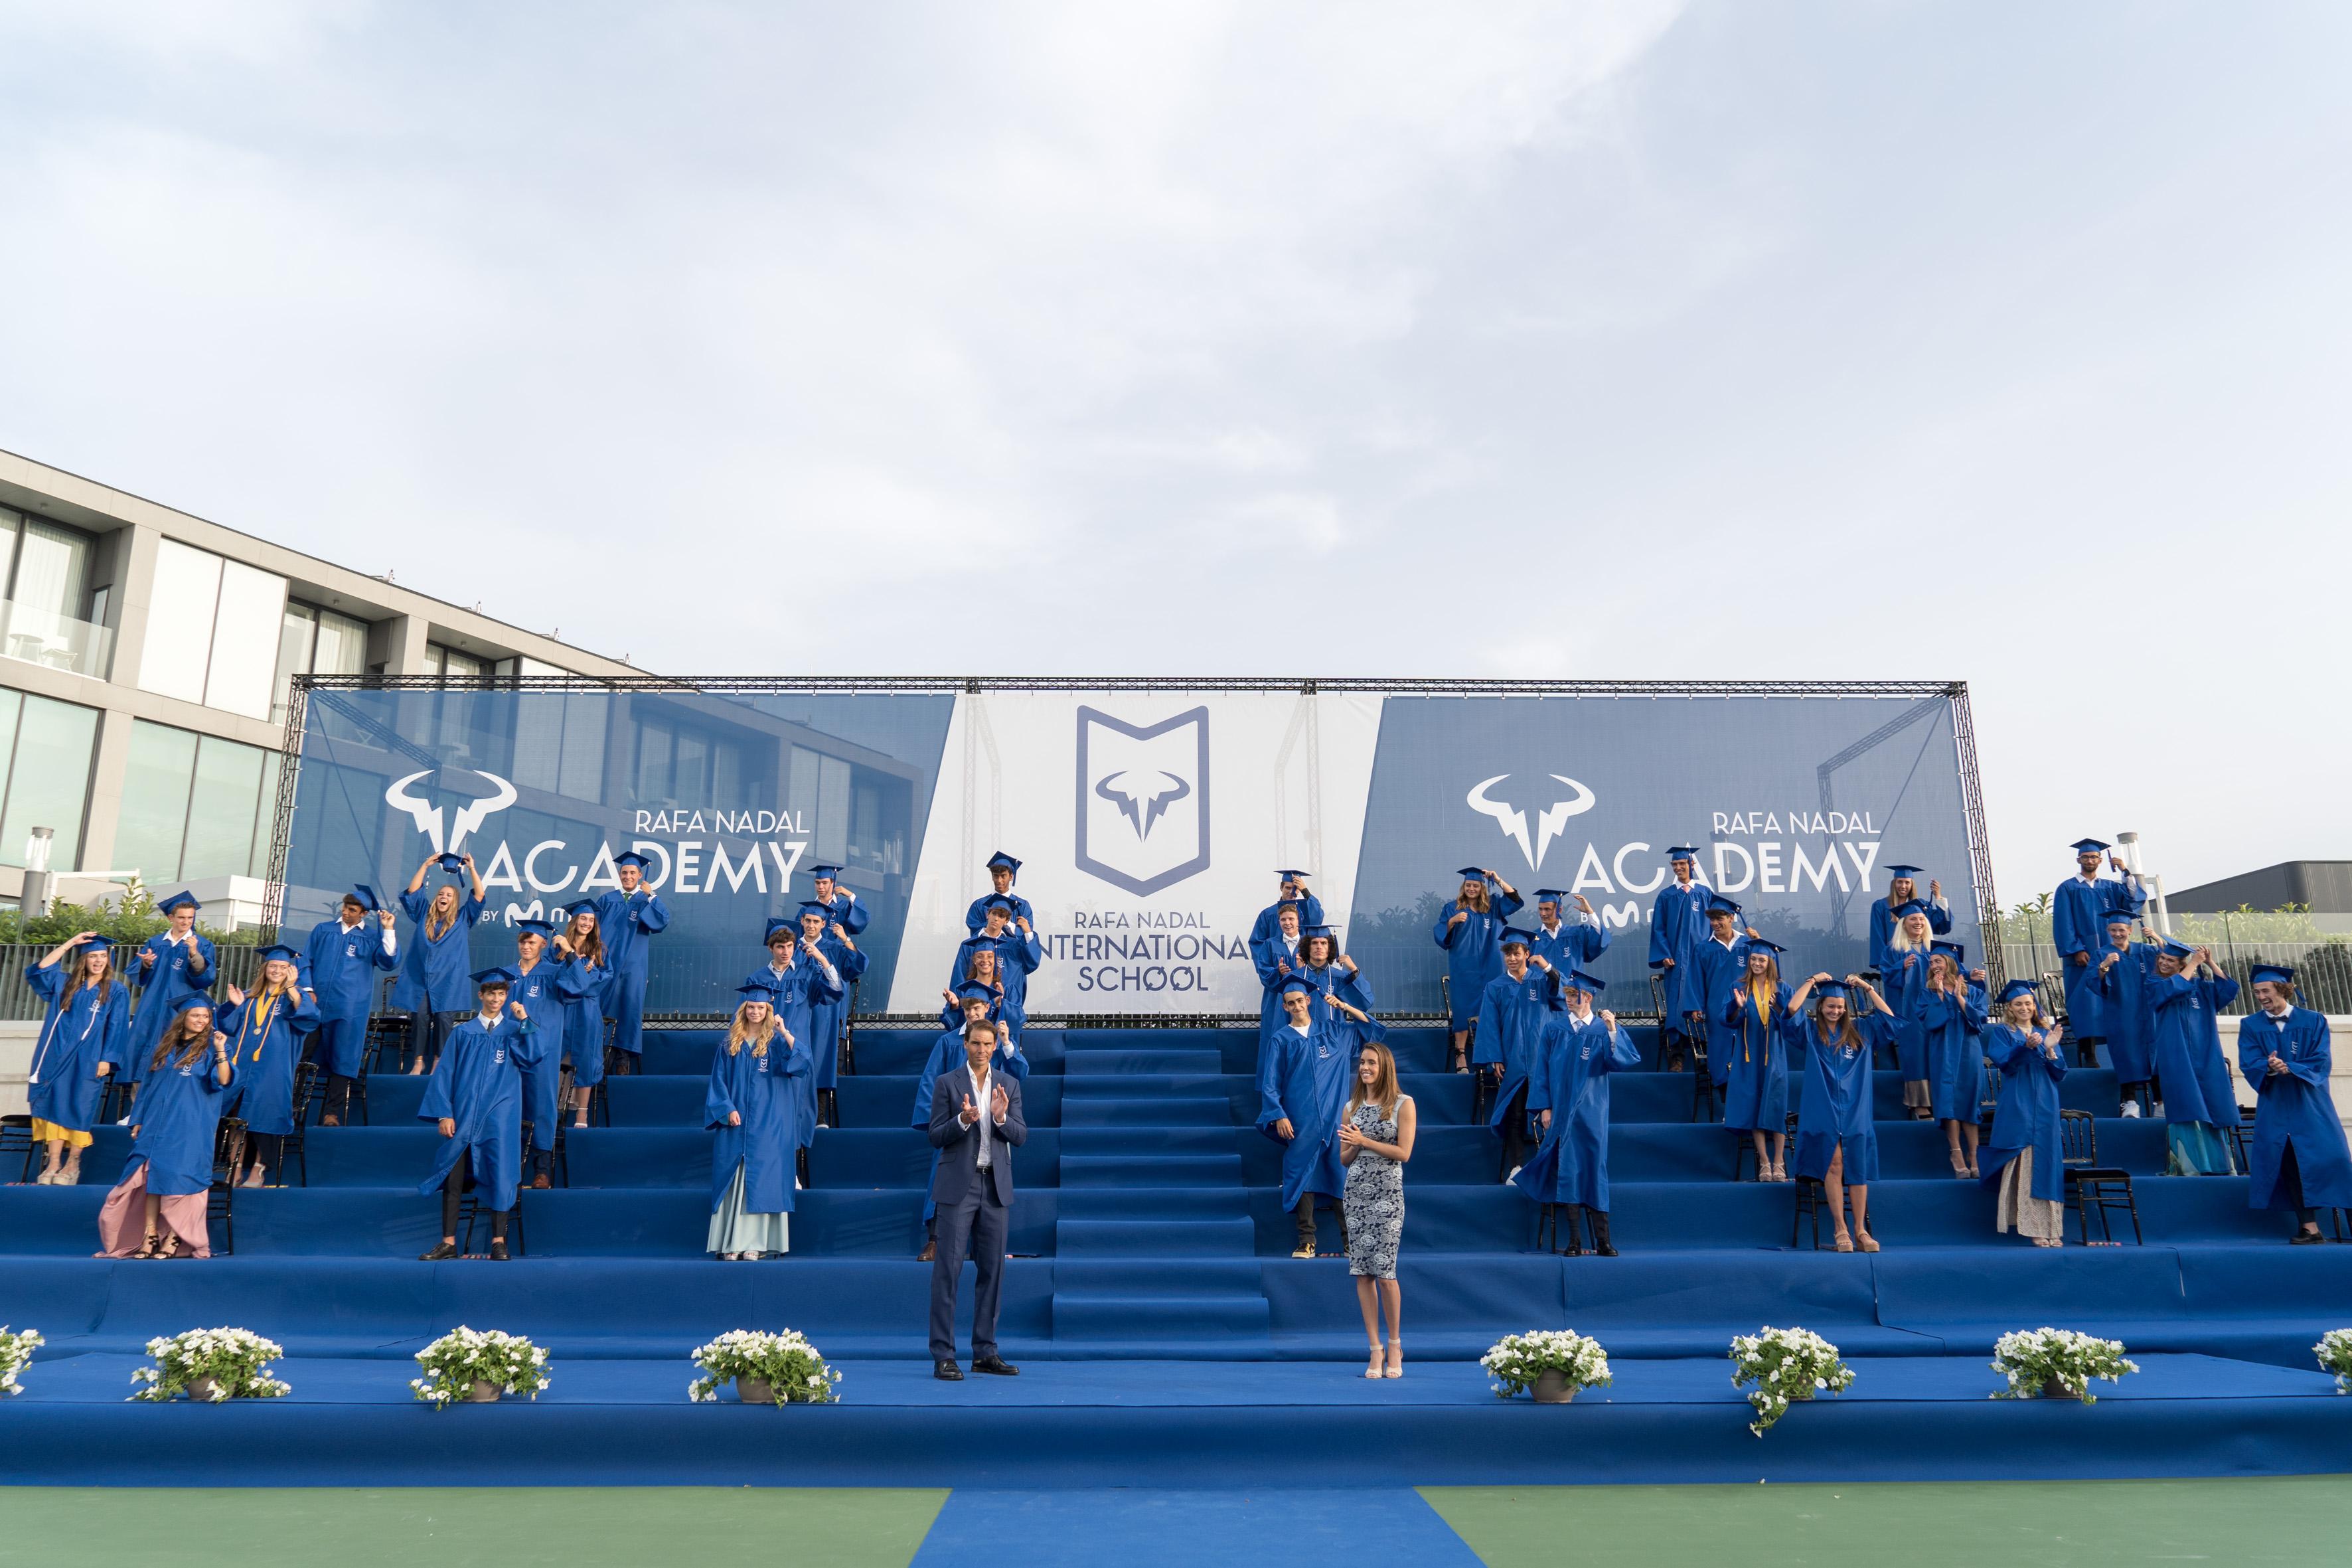 La academia de Rafa Nadal gradúa a 39 estudiantes